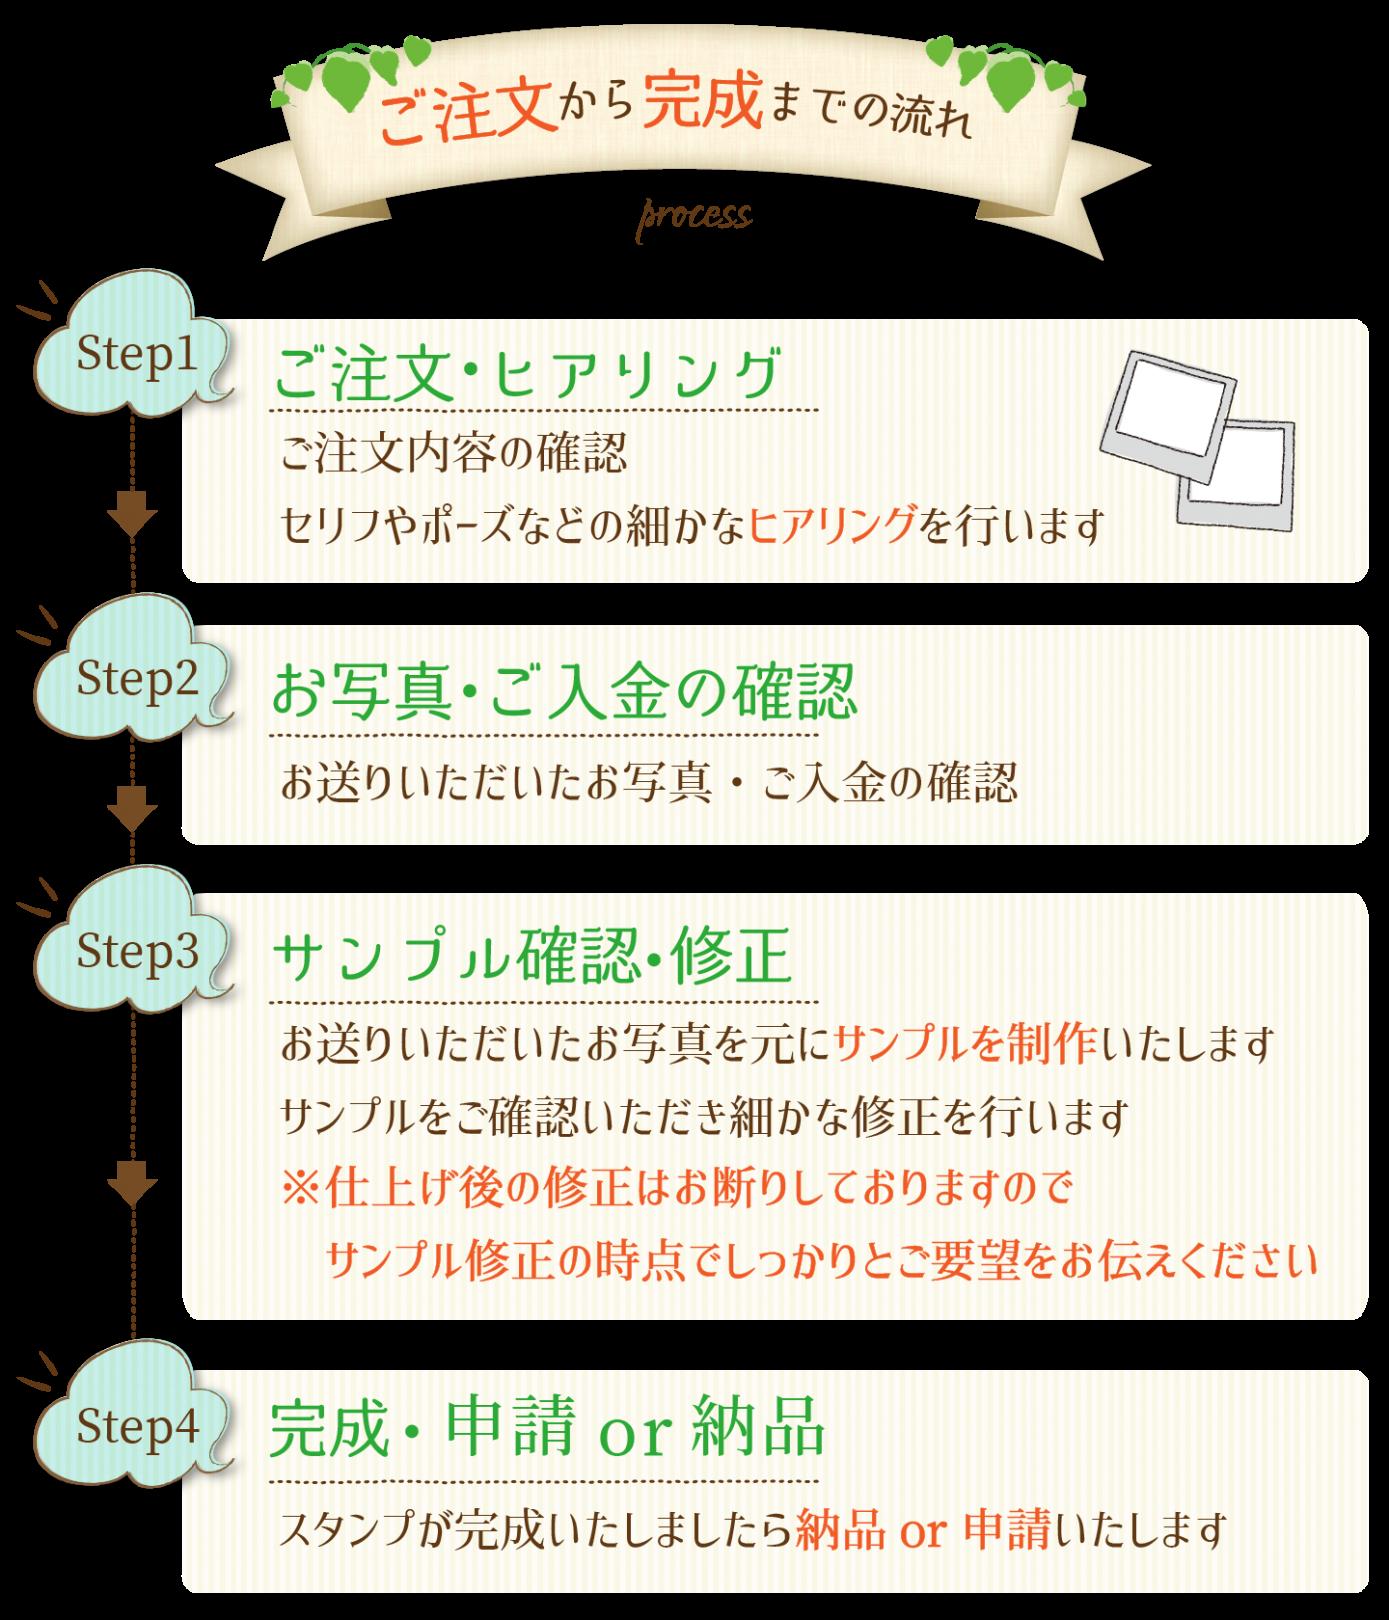 Kuukaila似顔絵LINEスタンプLP制作までの流れ1_1